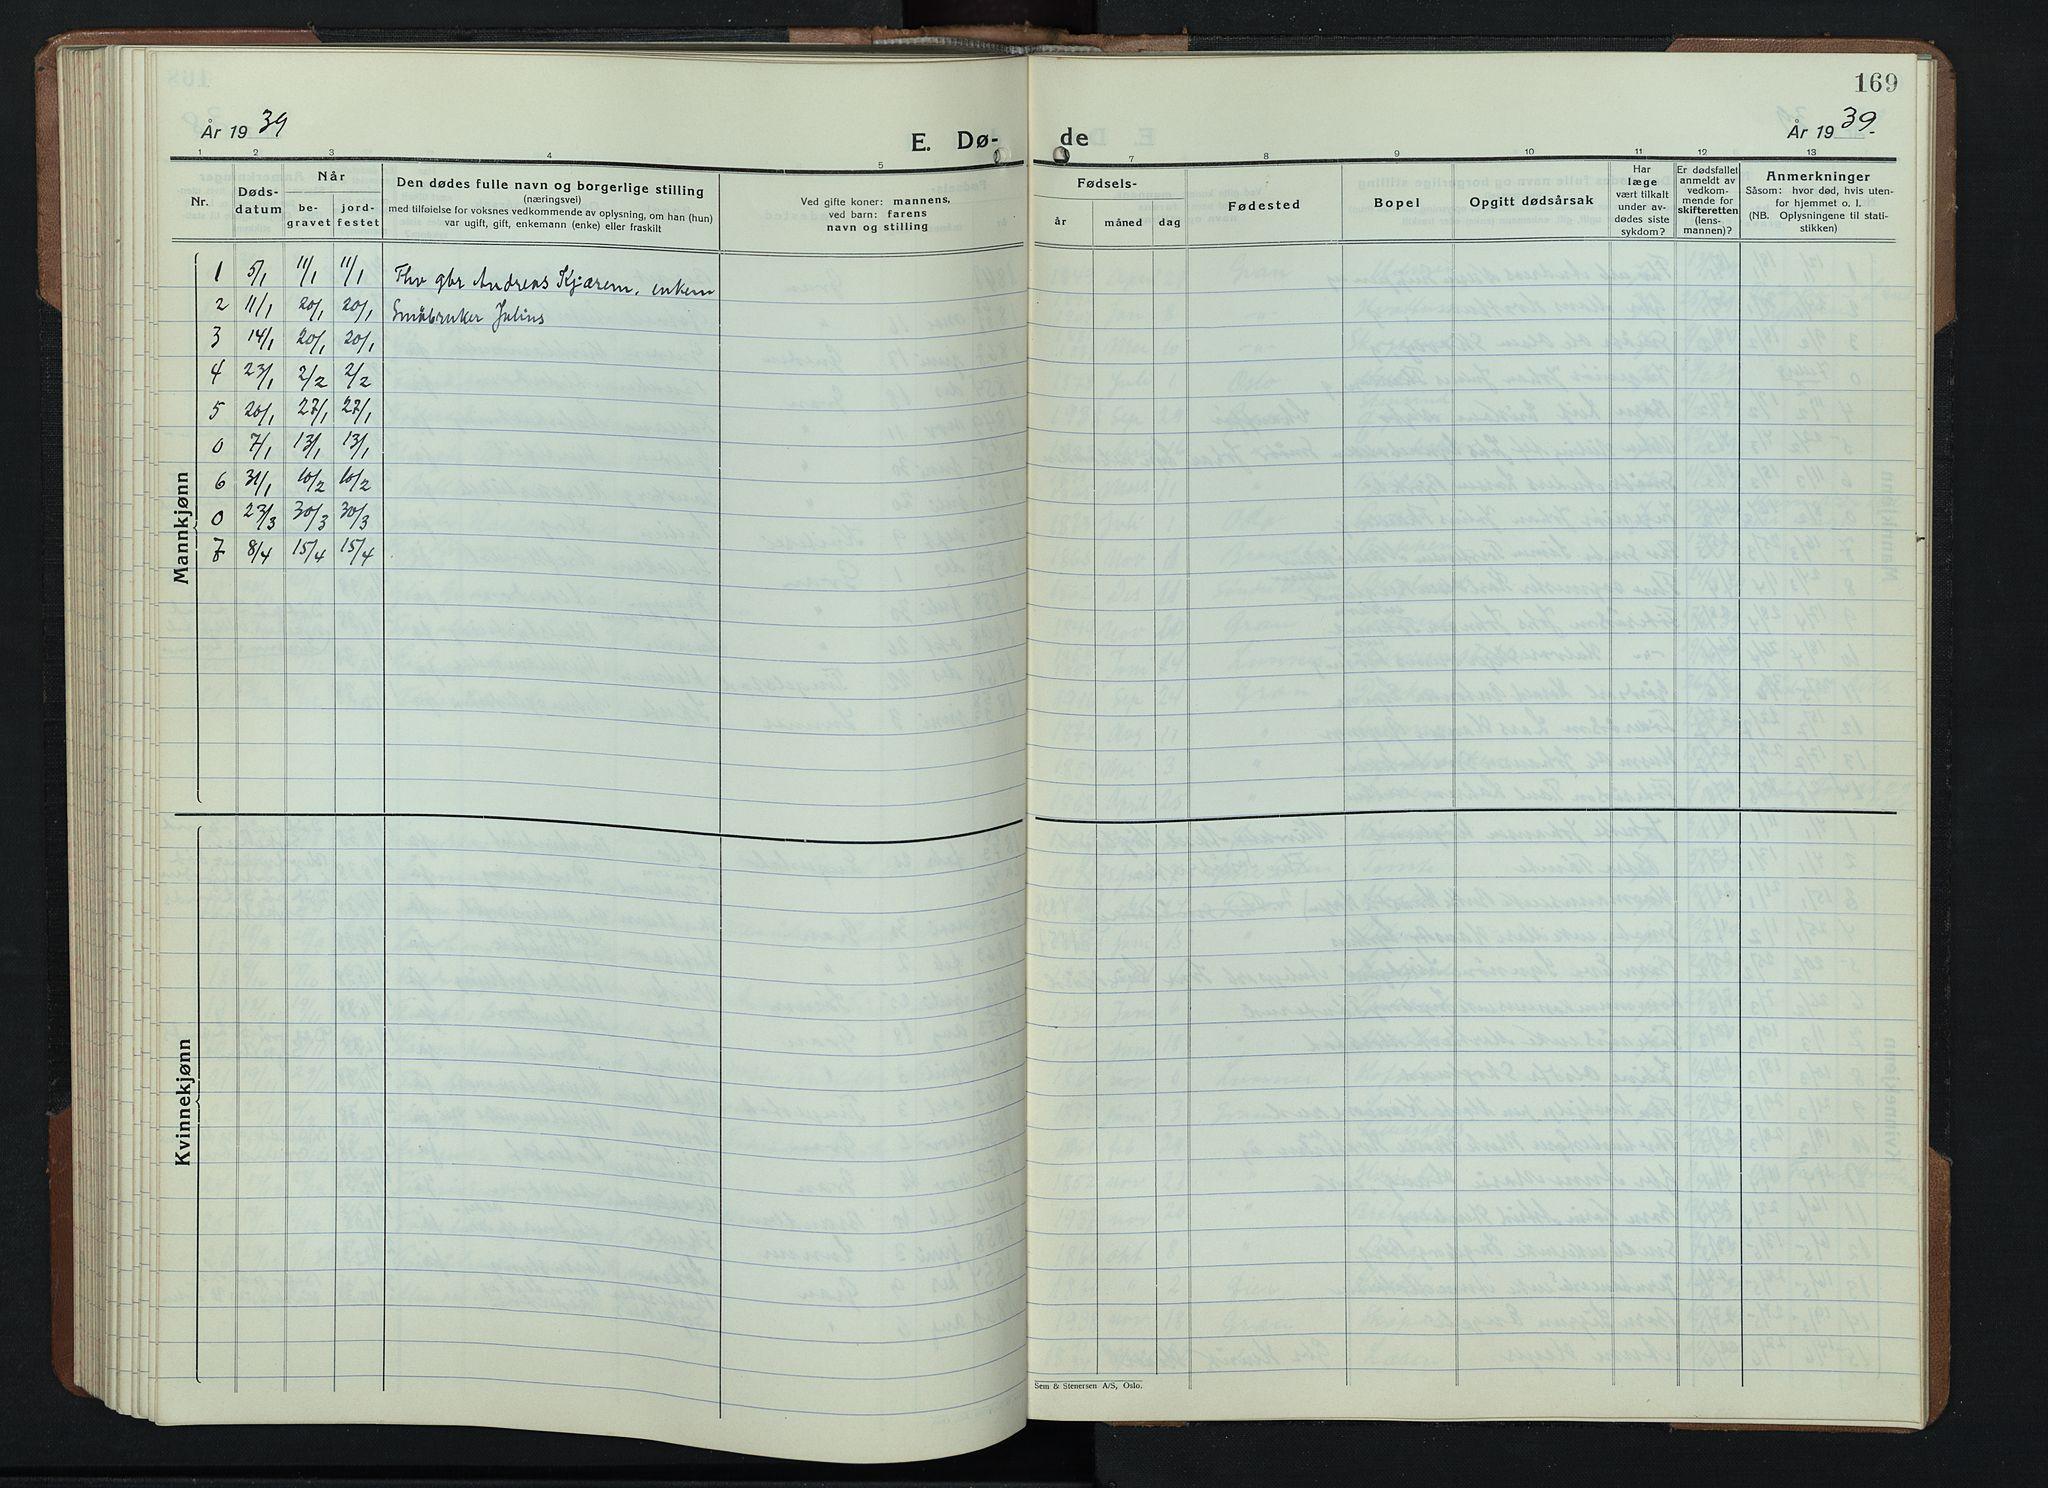 SAH, Gran prestekontor, Klokkerbok nr. 9, 1933-1950, s. 169